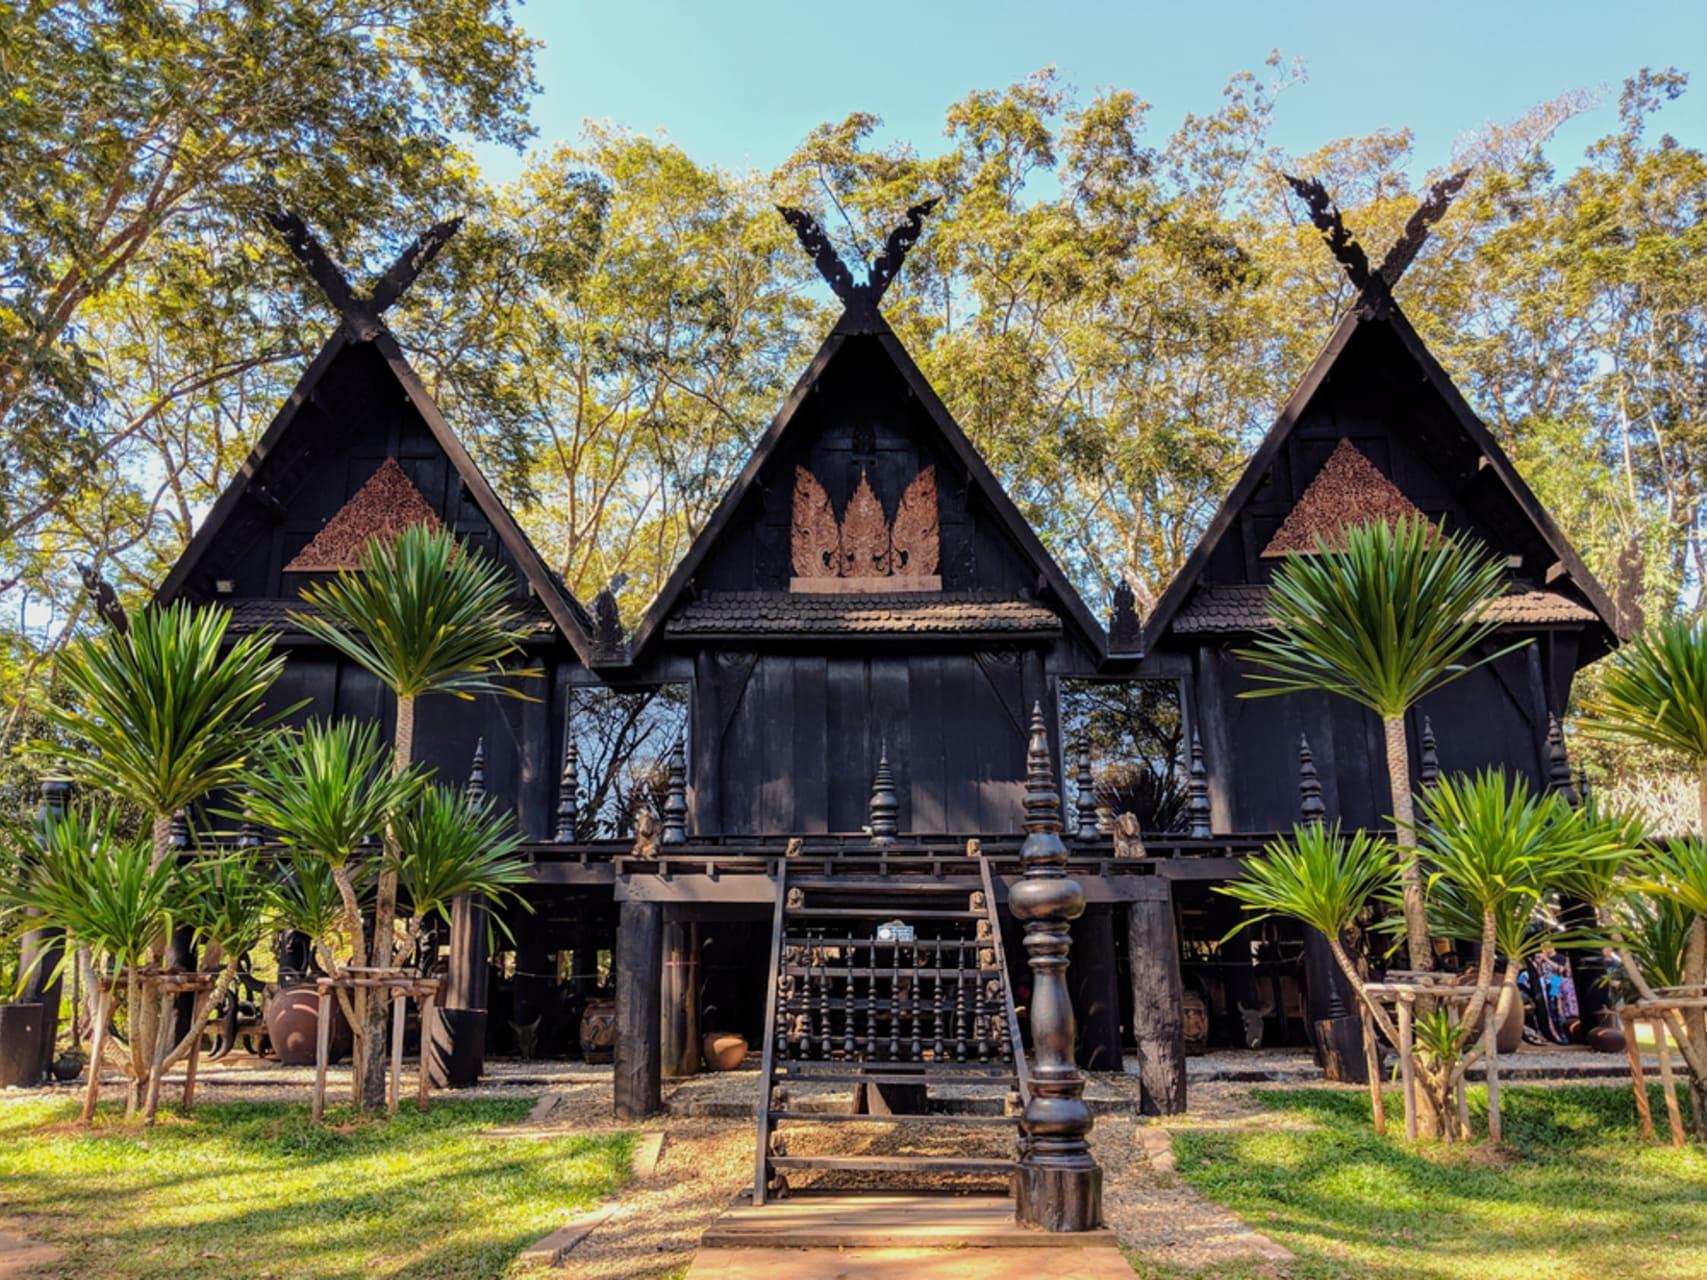 Chiang Rai - Black House of Chiang Rai (Baan Dam)